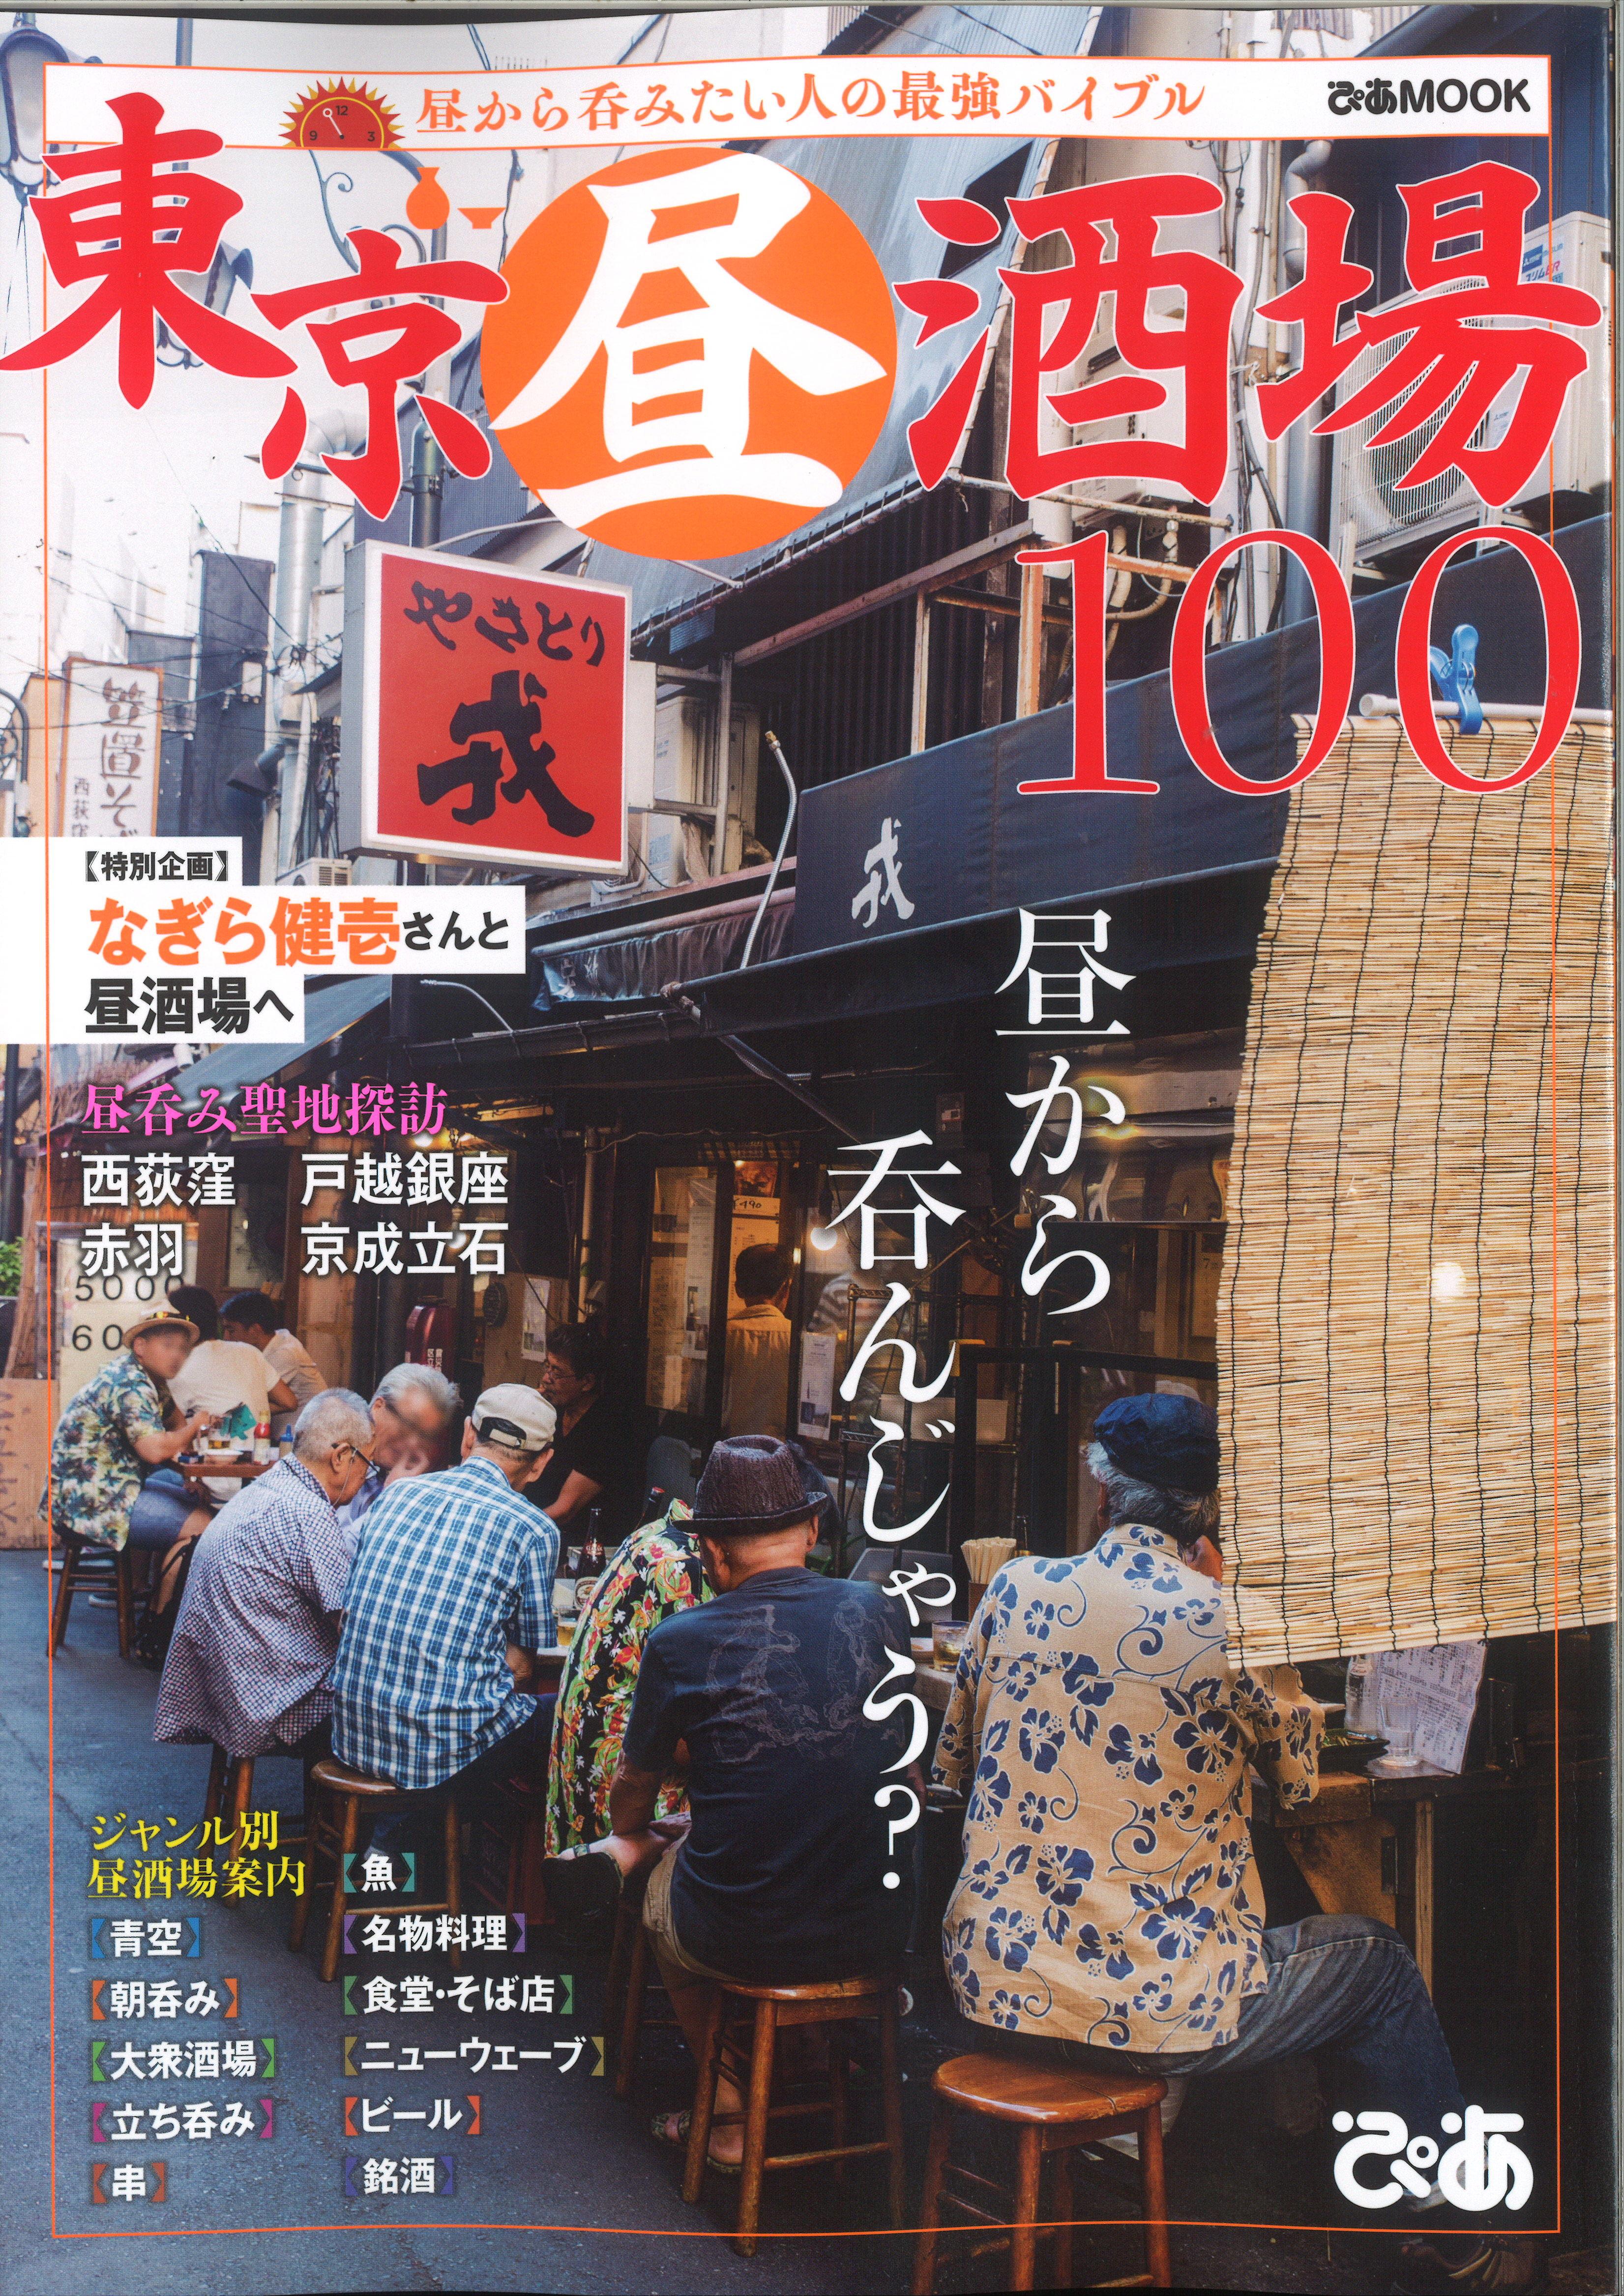 9/3 ぴあMOOK「東京昼酒場100」に掲載されました。